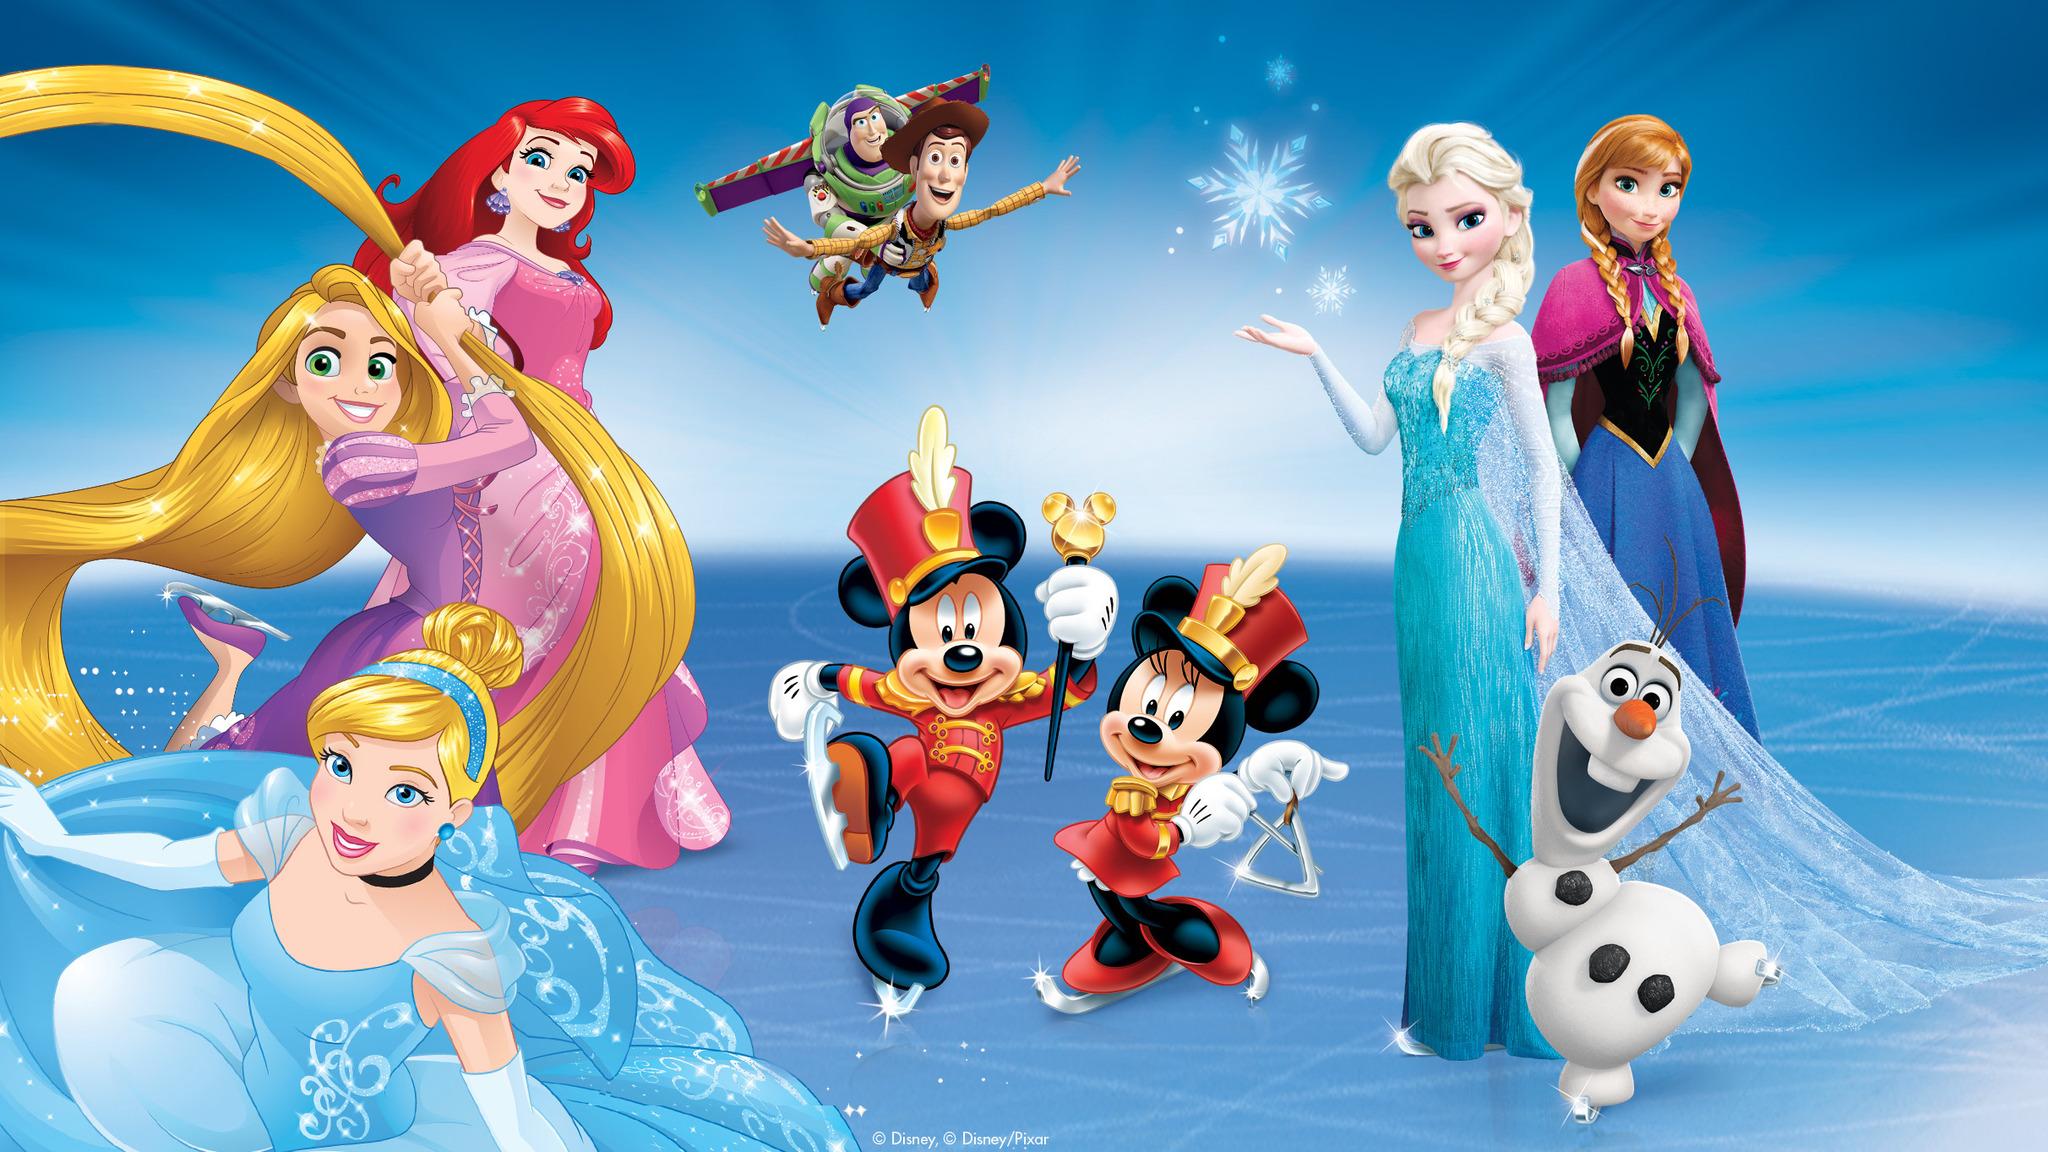 Disney On Ice: Celebrating 100 Years of Magic